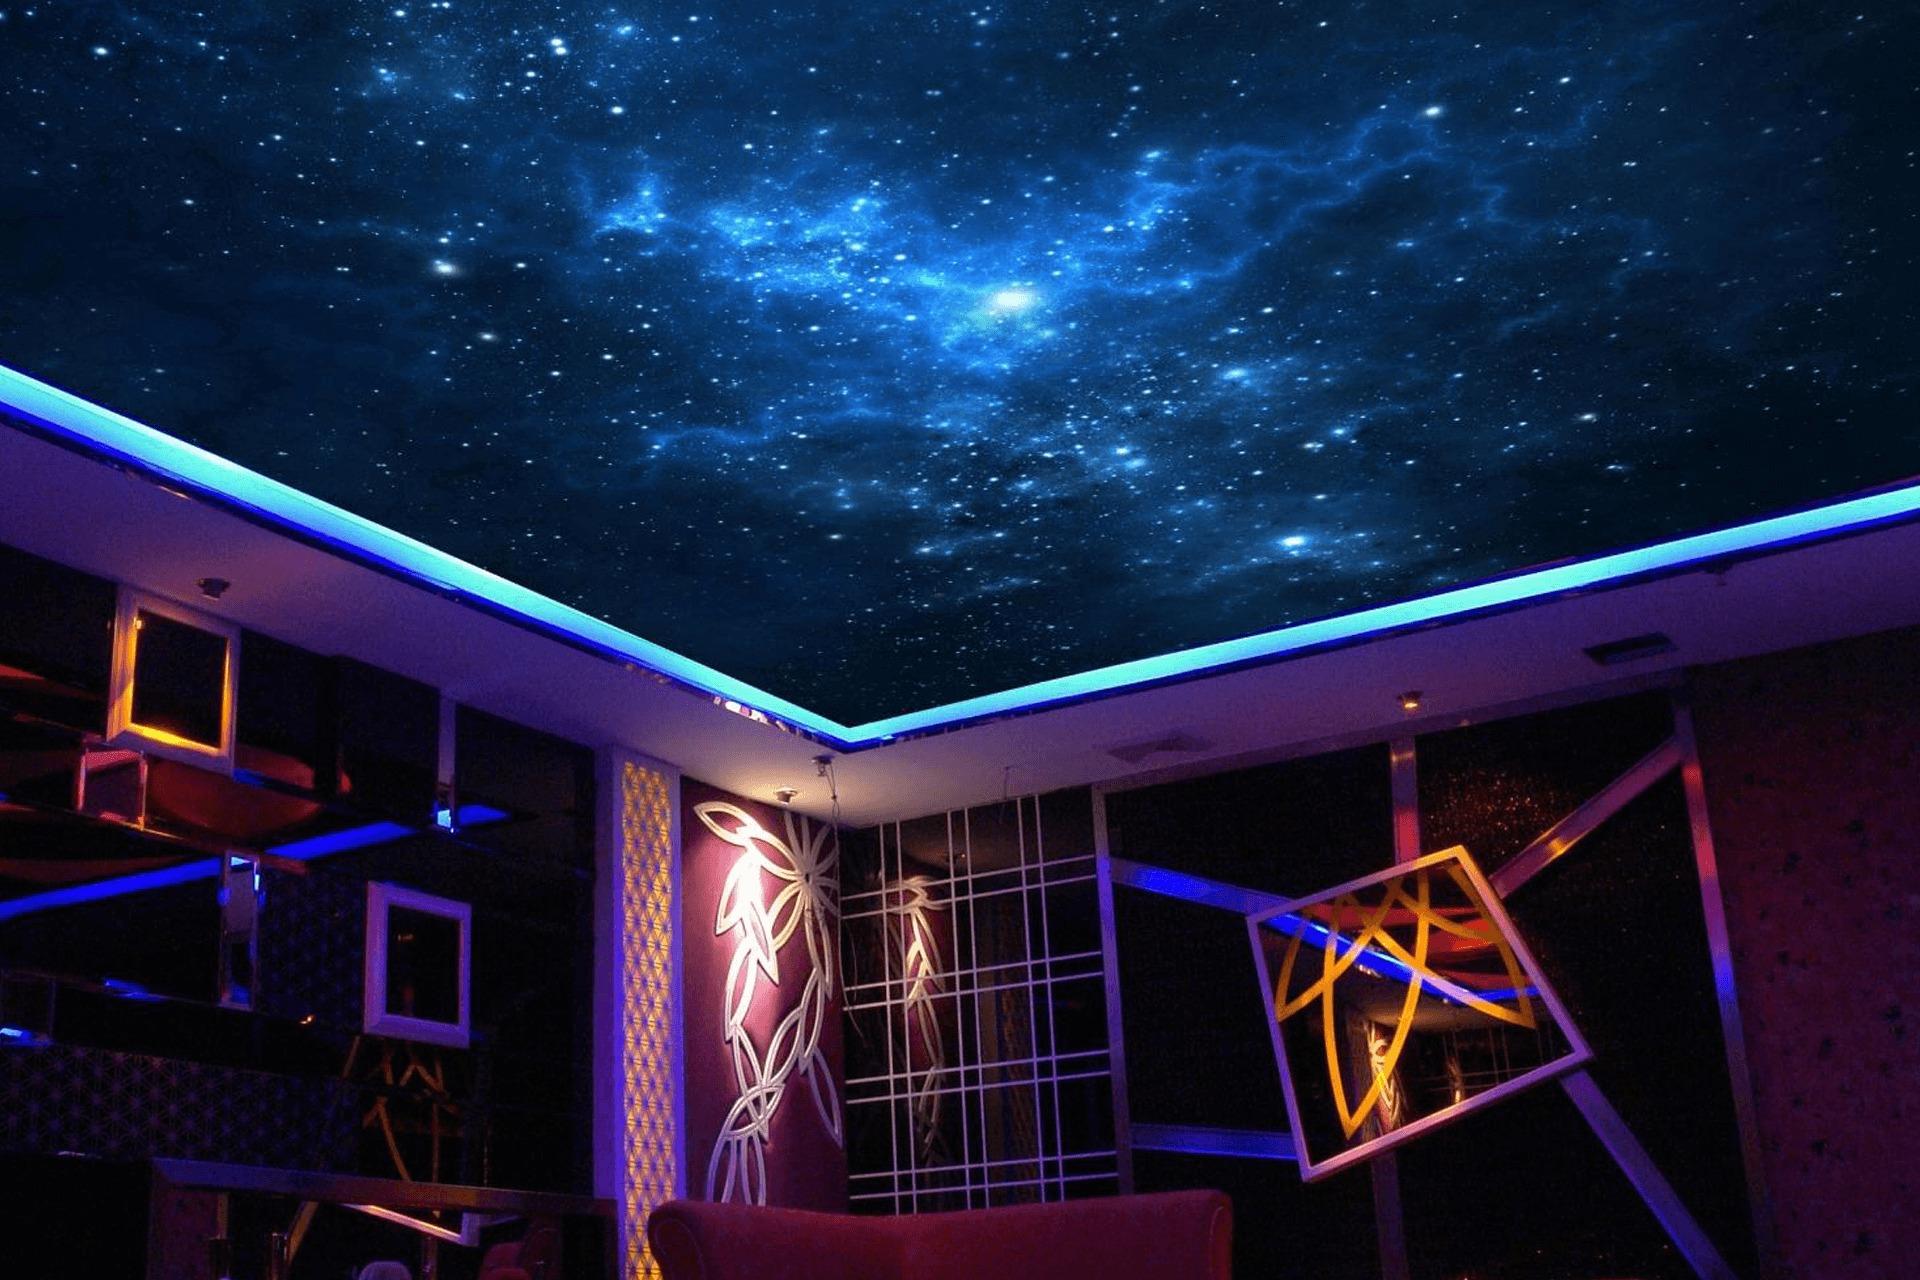 Натяжной потолок звёздное небо в ресторане